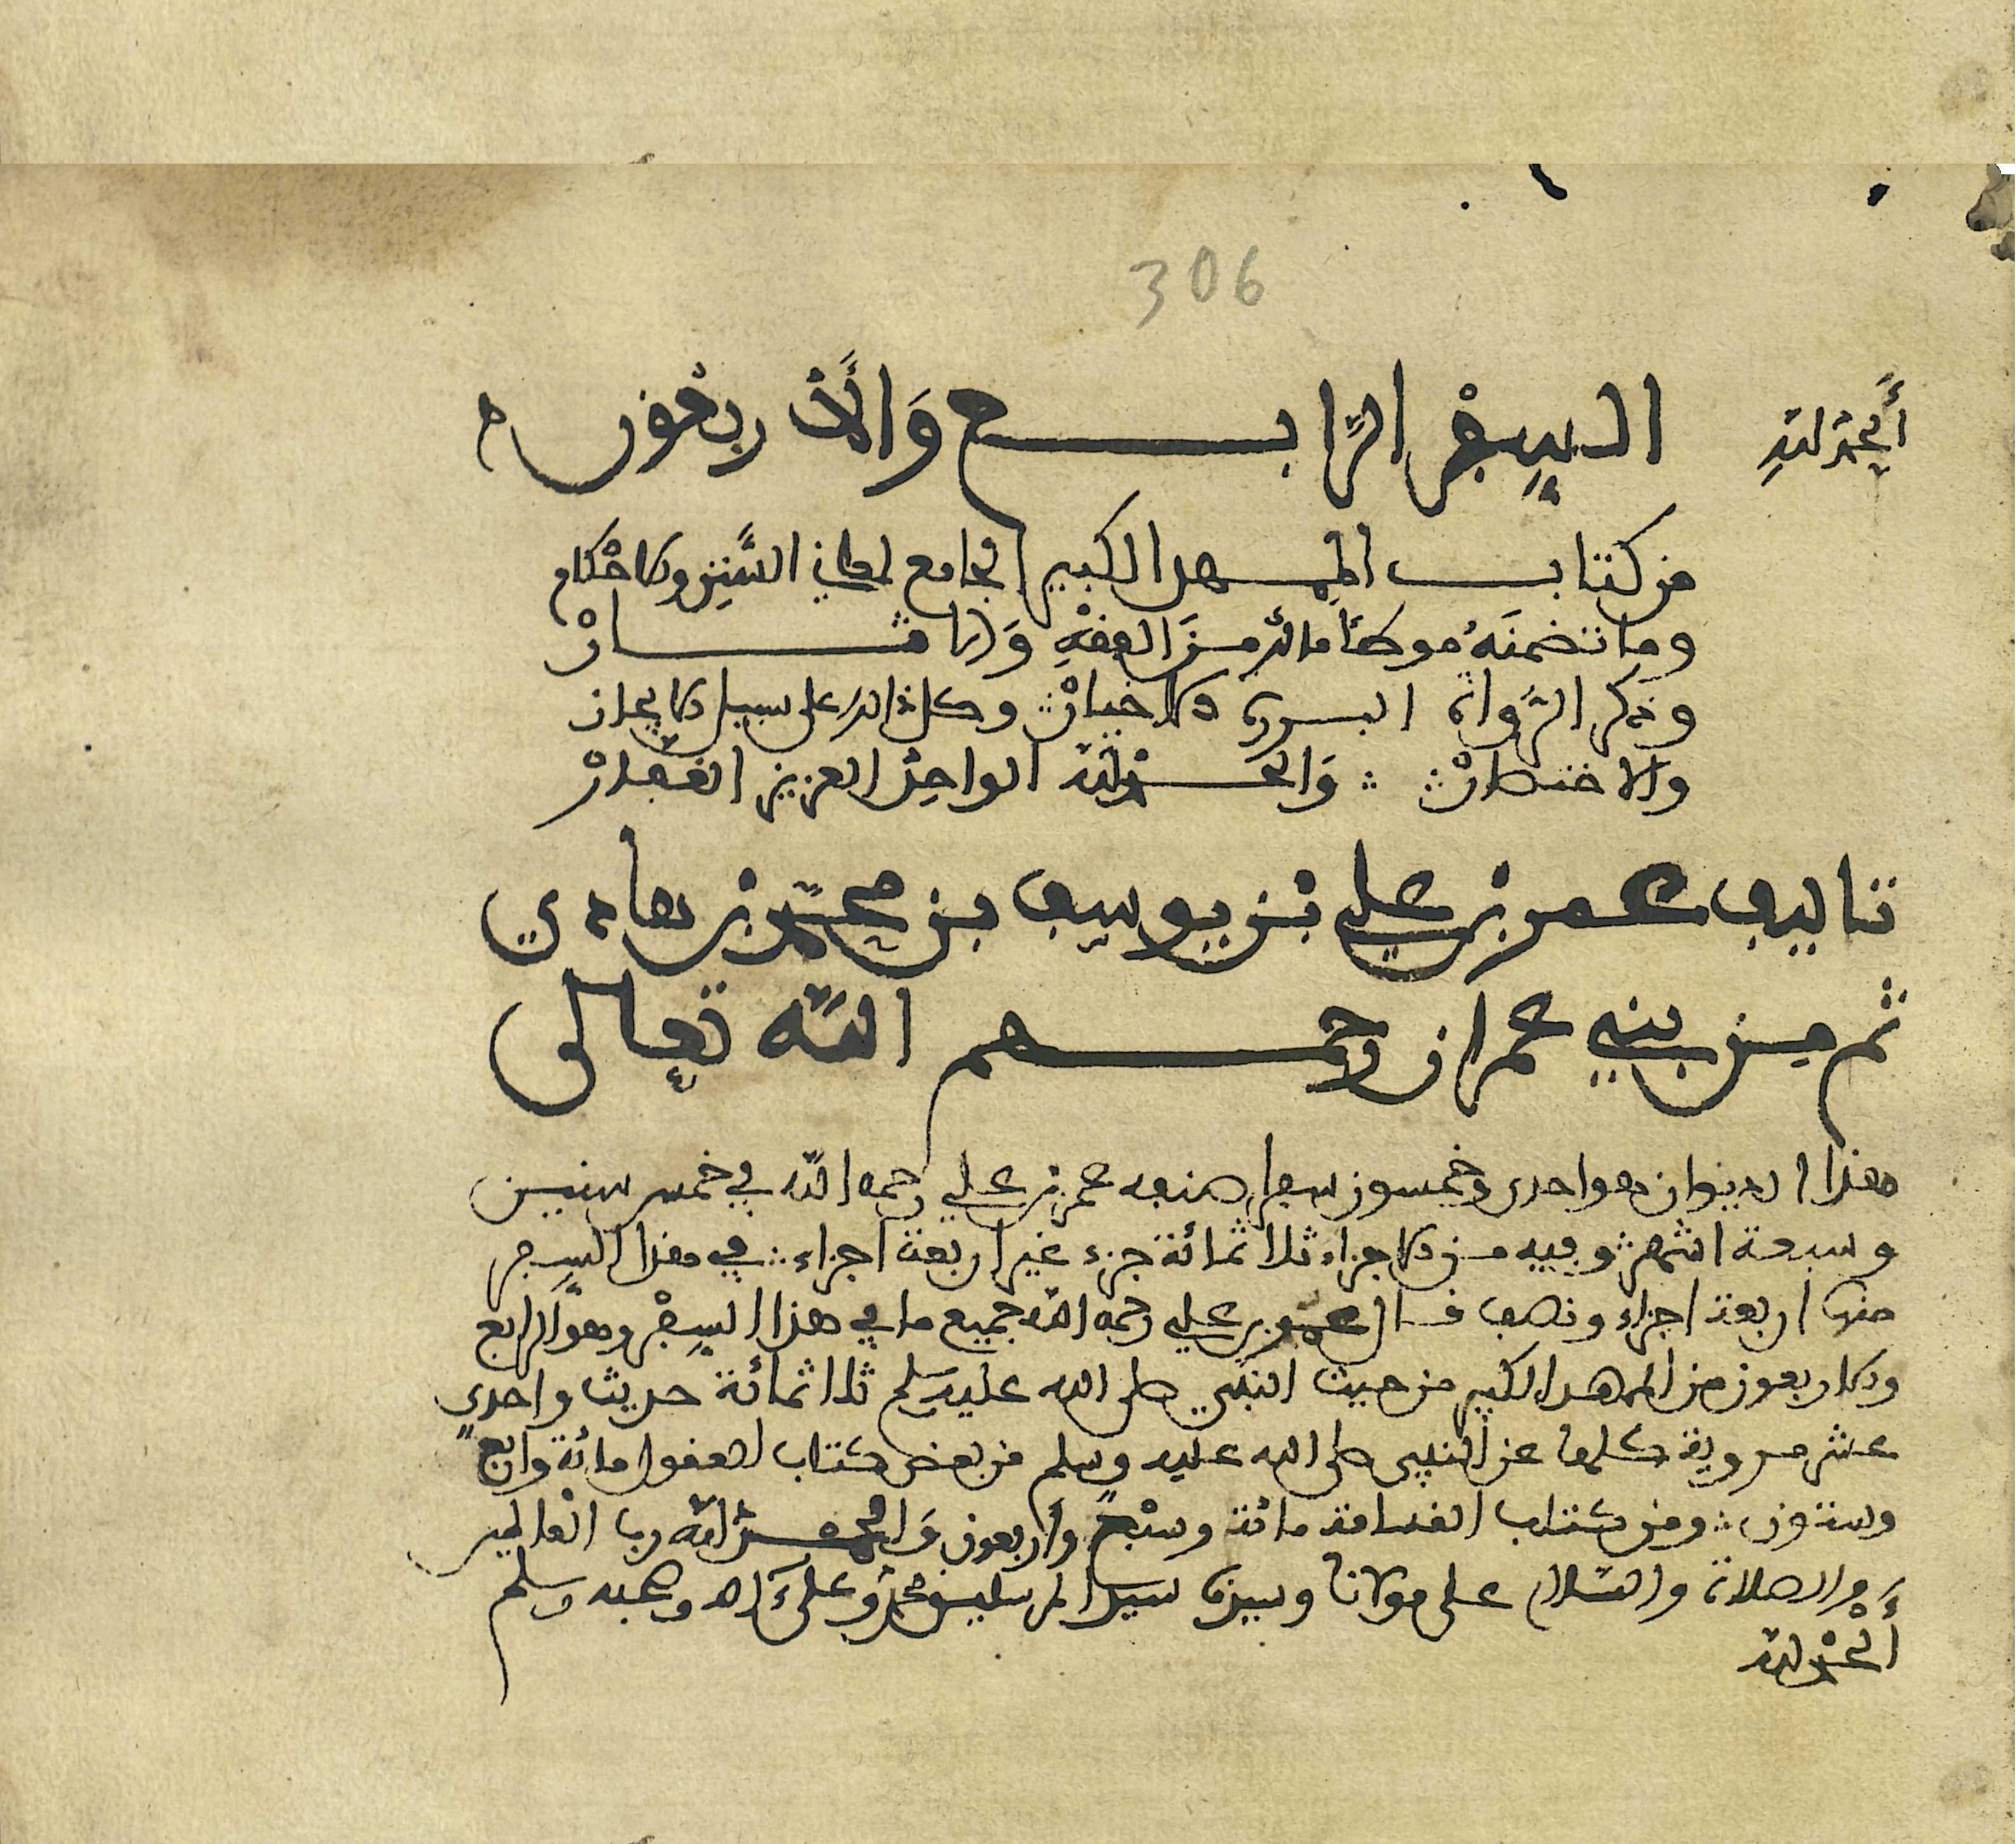 لجنة تحقيق: الممهد الكبير الجامع لابن الزهراء الورياغلي